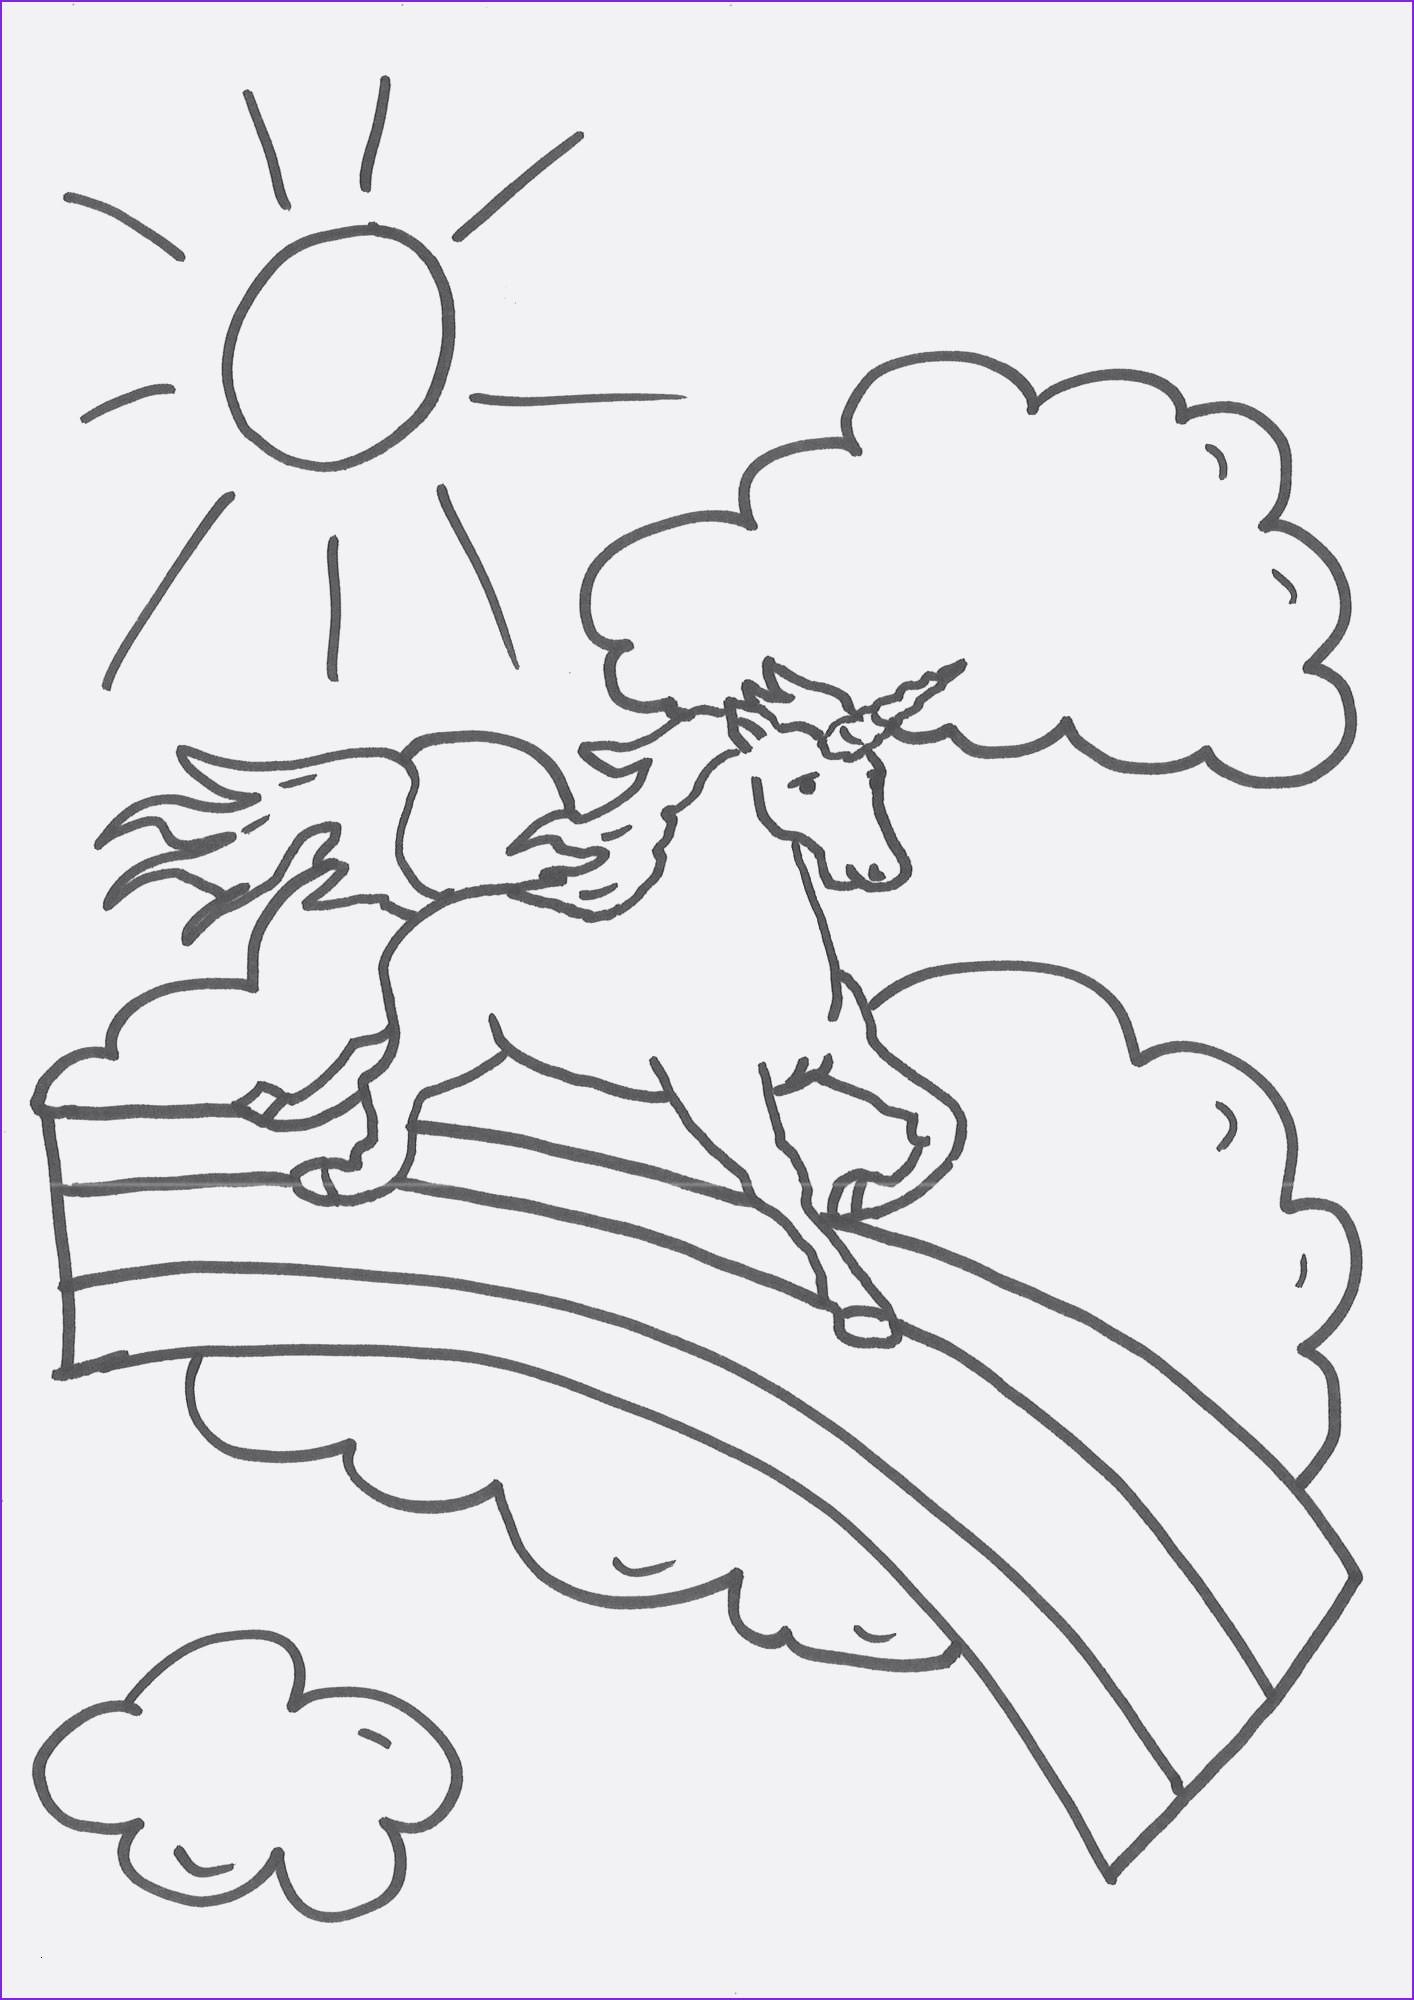 Ausmalbilder Fantasie Tiere Frisch Wow Ausmalbilder Frisch Malvorlagen Igel Frisch Igel Grundschule 0d Stock